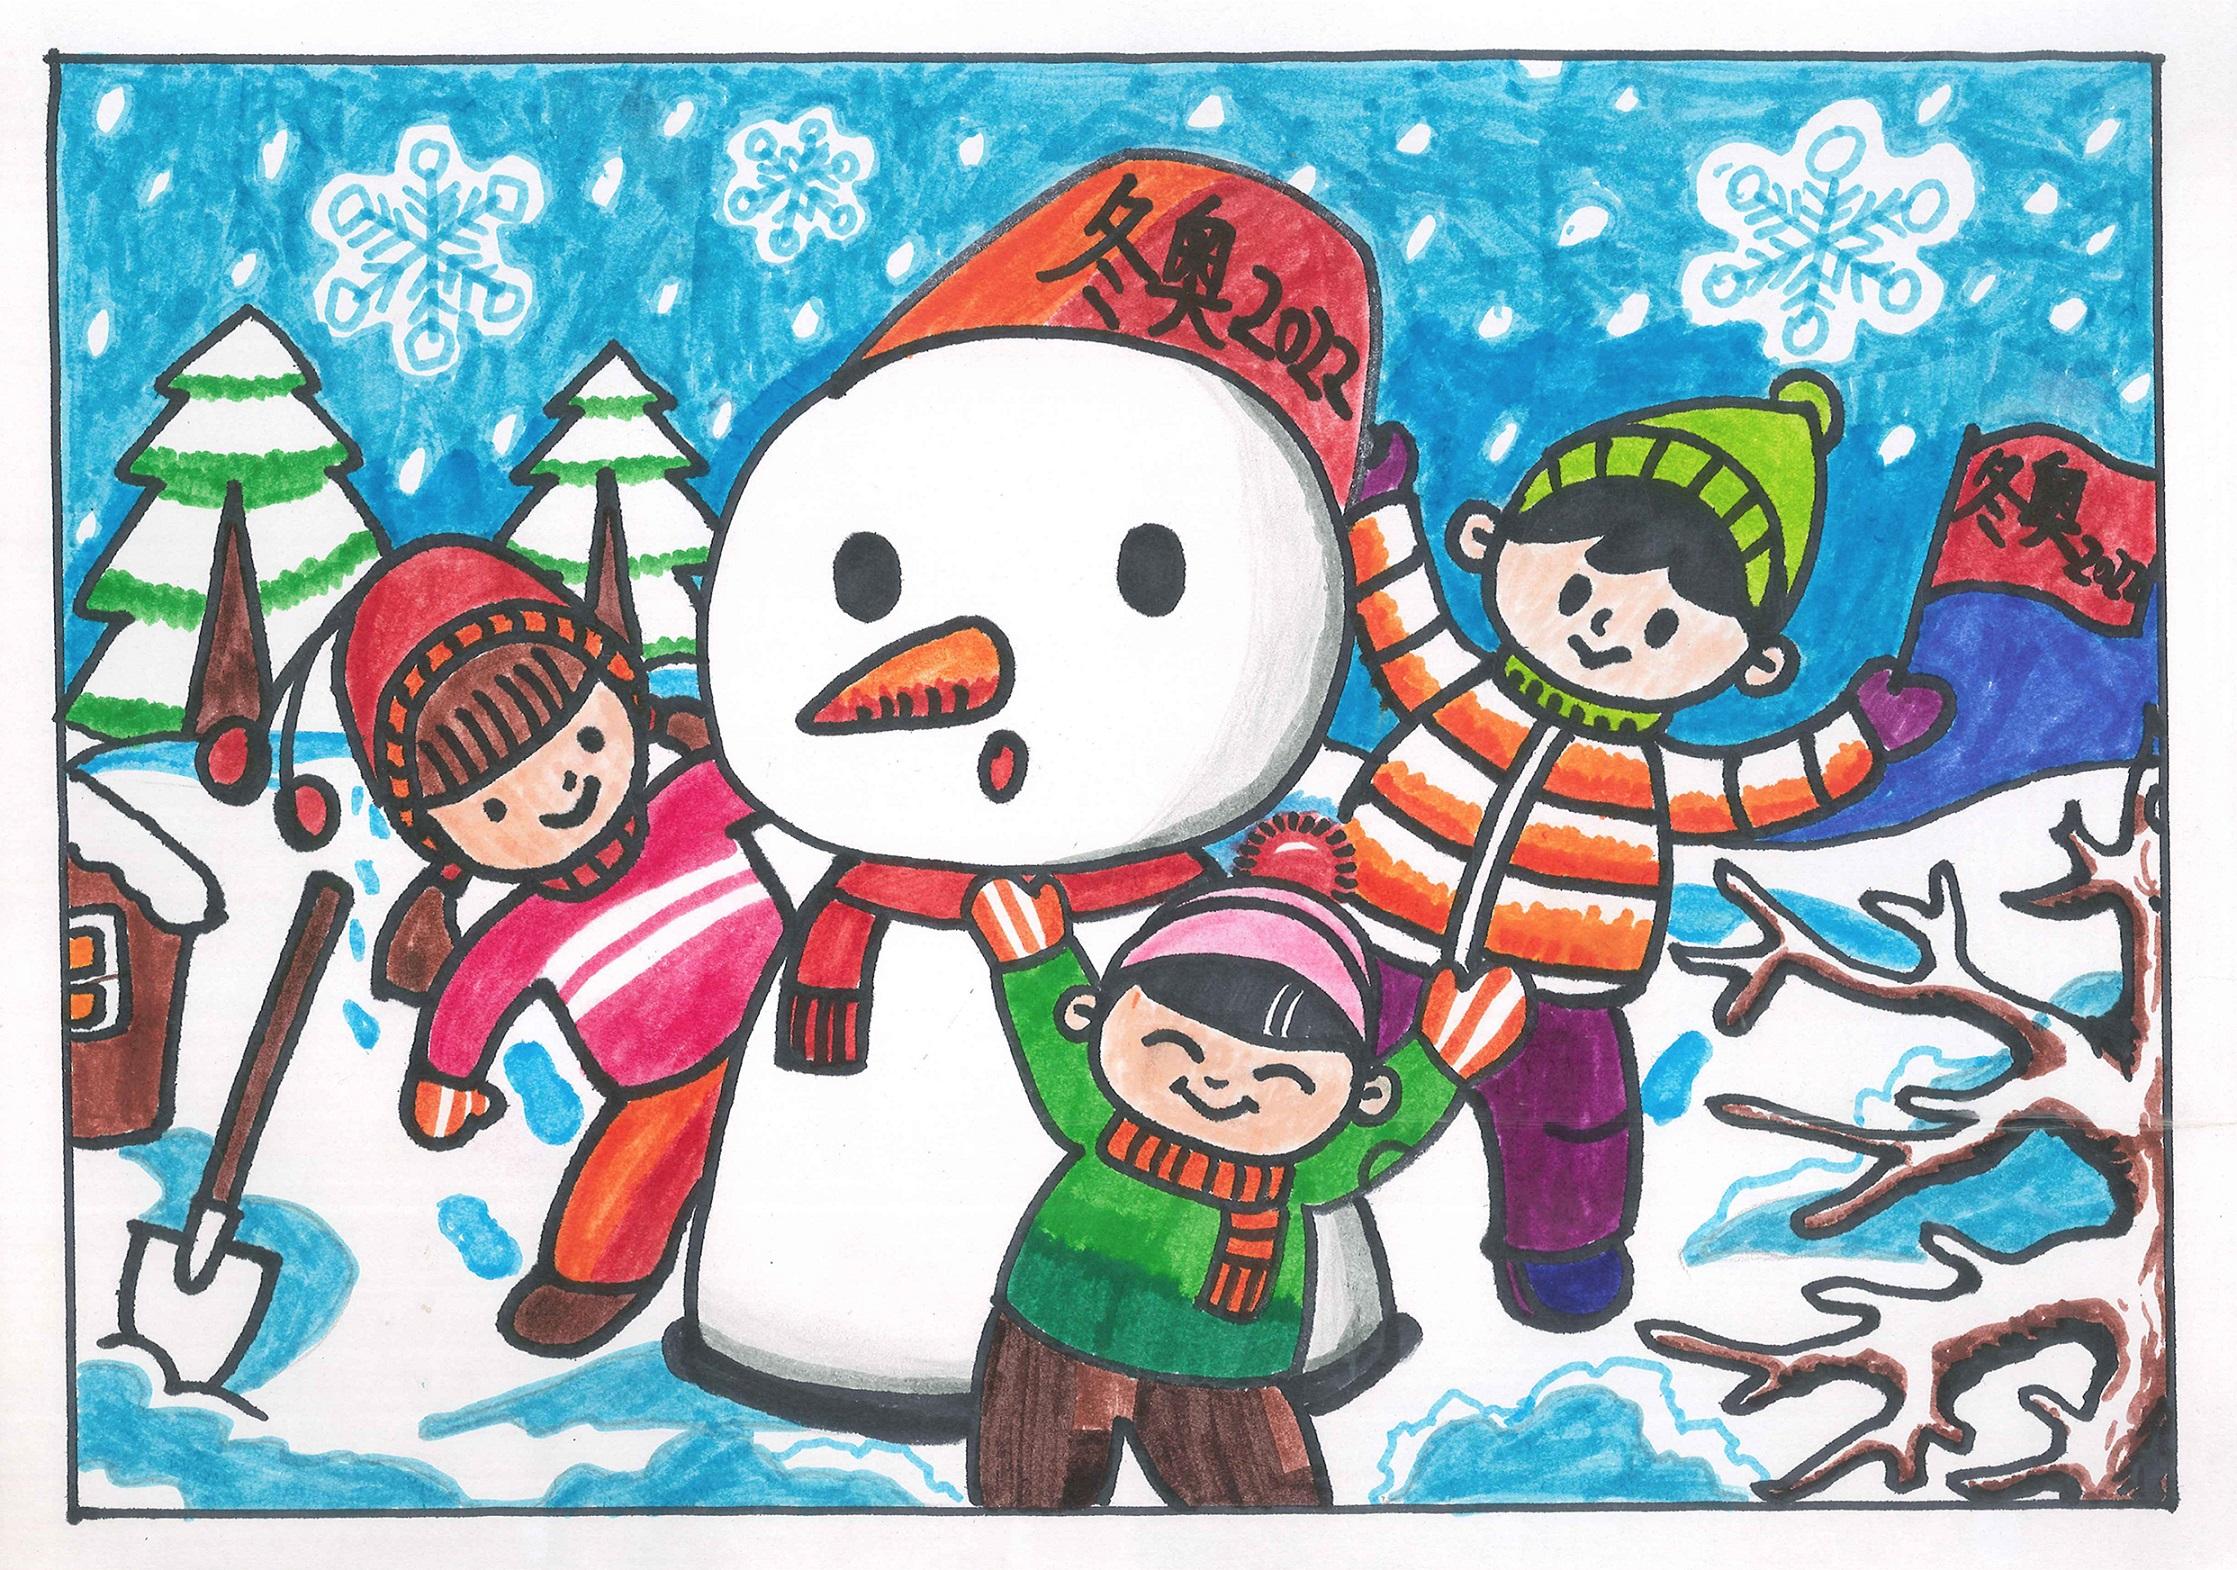 堆雪人盼冬奥 Let's Build A Snowman And Look Forward To The Winter Olympics+郎梦阳 Lang Mengyang